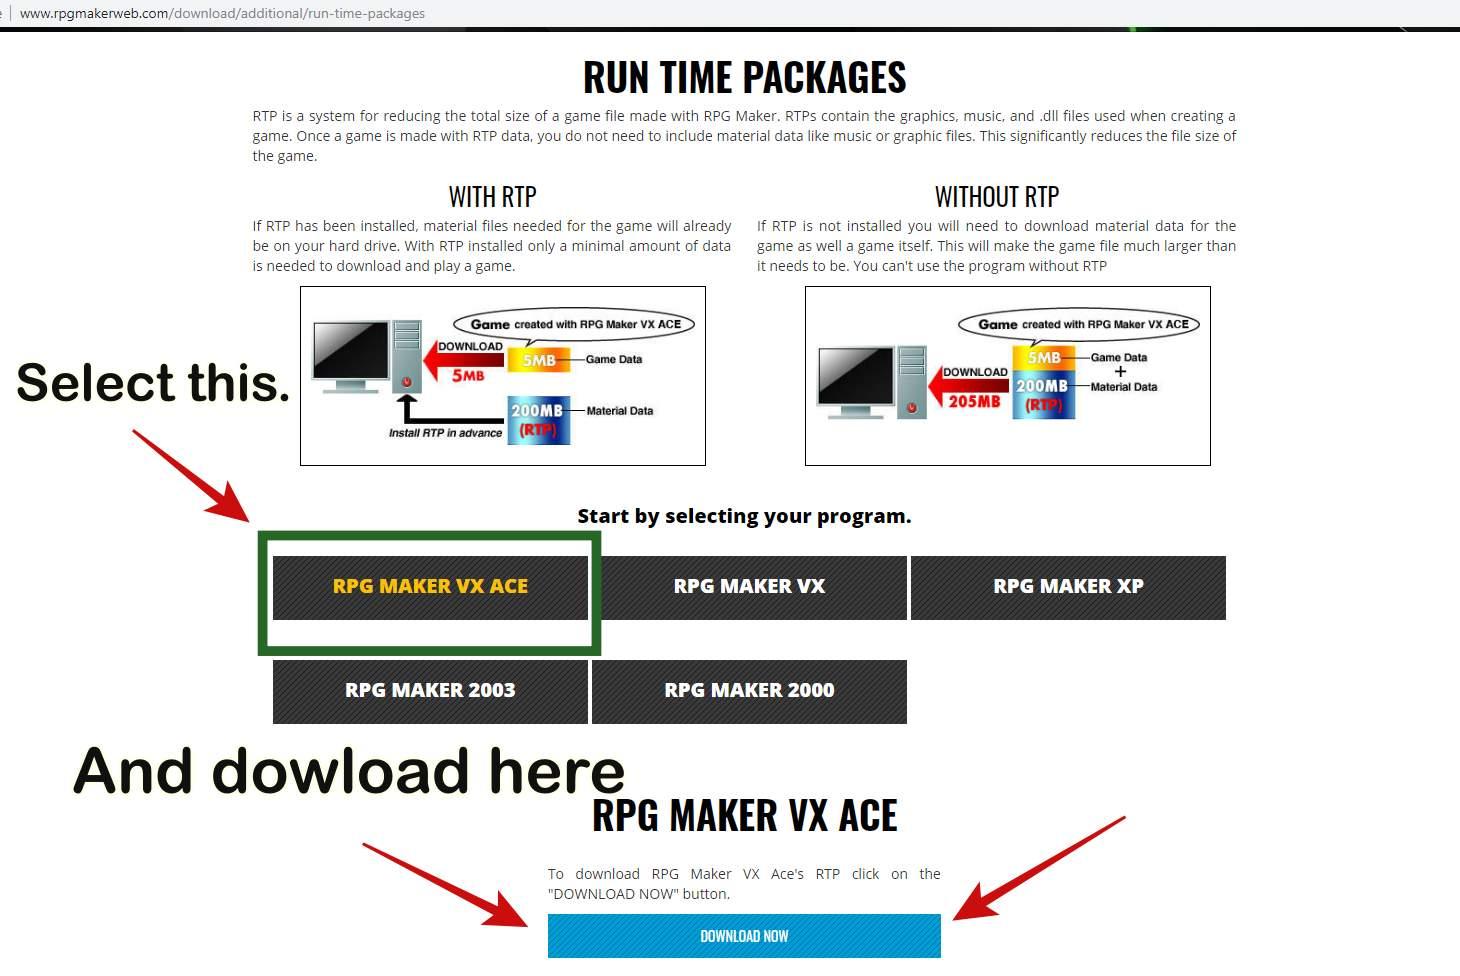 Rpg maker vx ace rtp full download | RPG Maker MV 1 3 4 Full